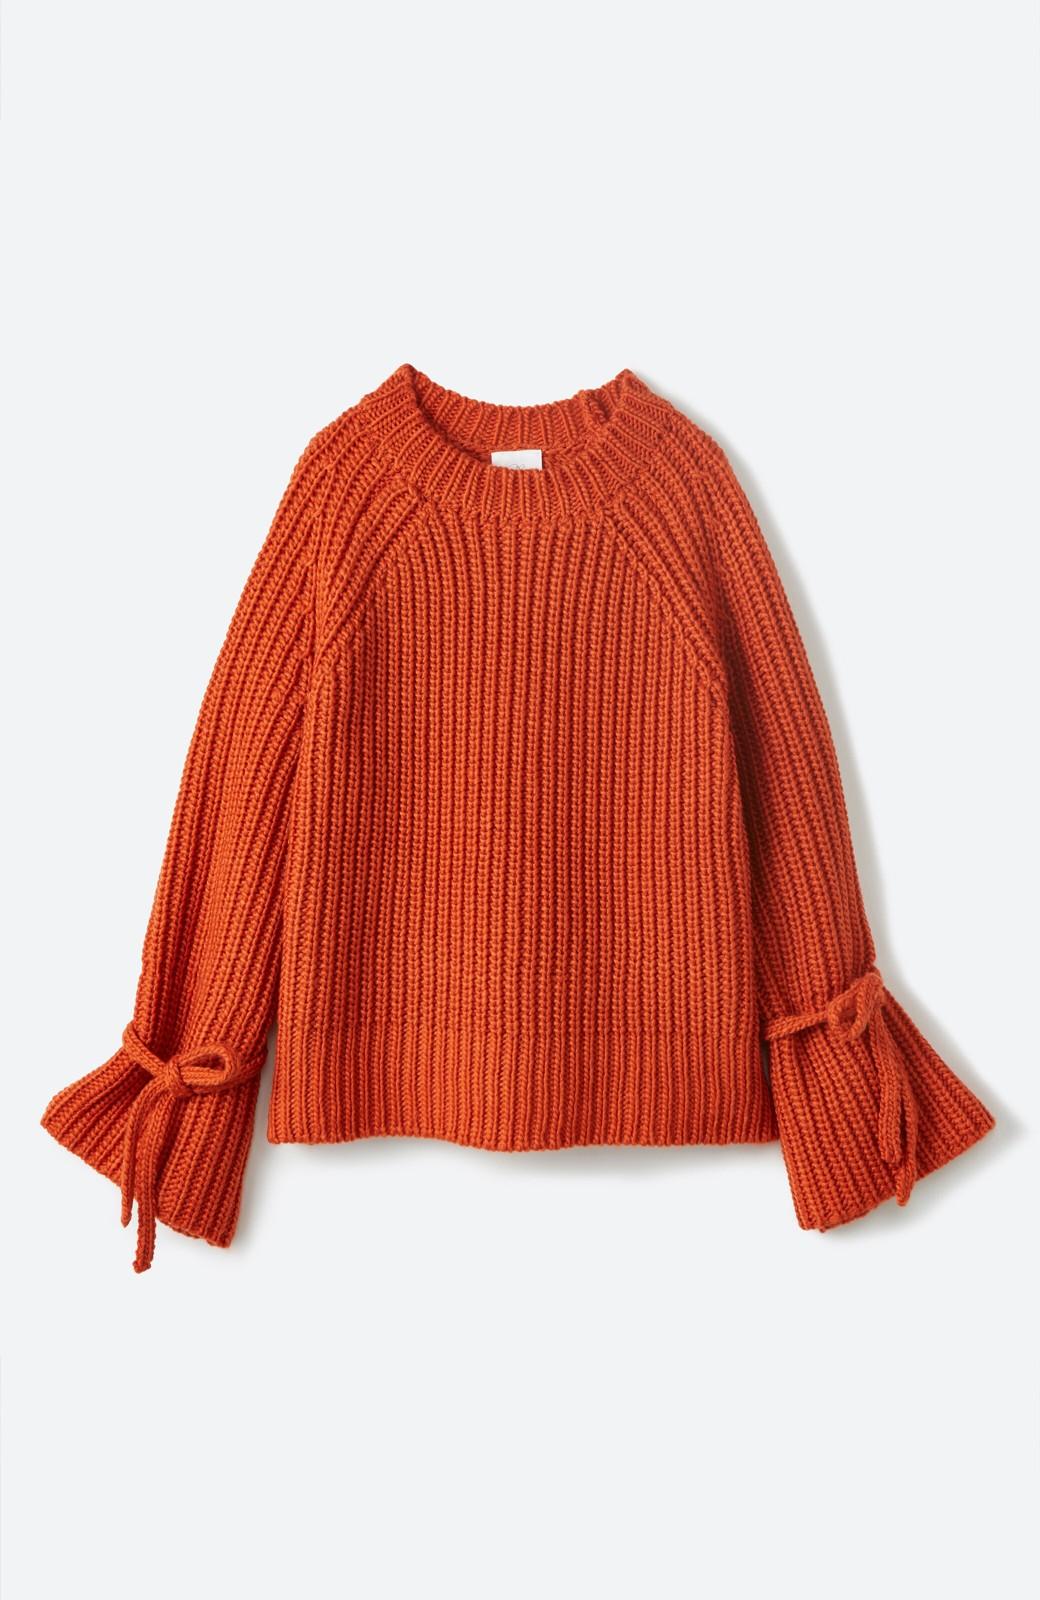 haco! <スザンヌさんコラボ>ラブ&ピースプロジェクト 袖リボンポイントの片畦編みニットトップス <オレンジ>の商品写真3